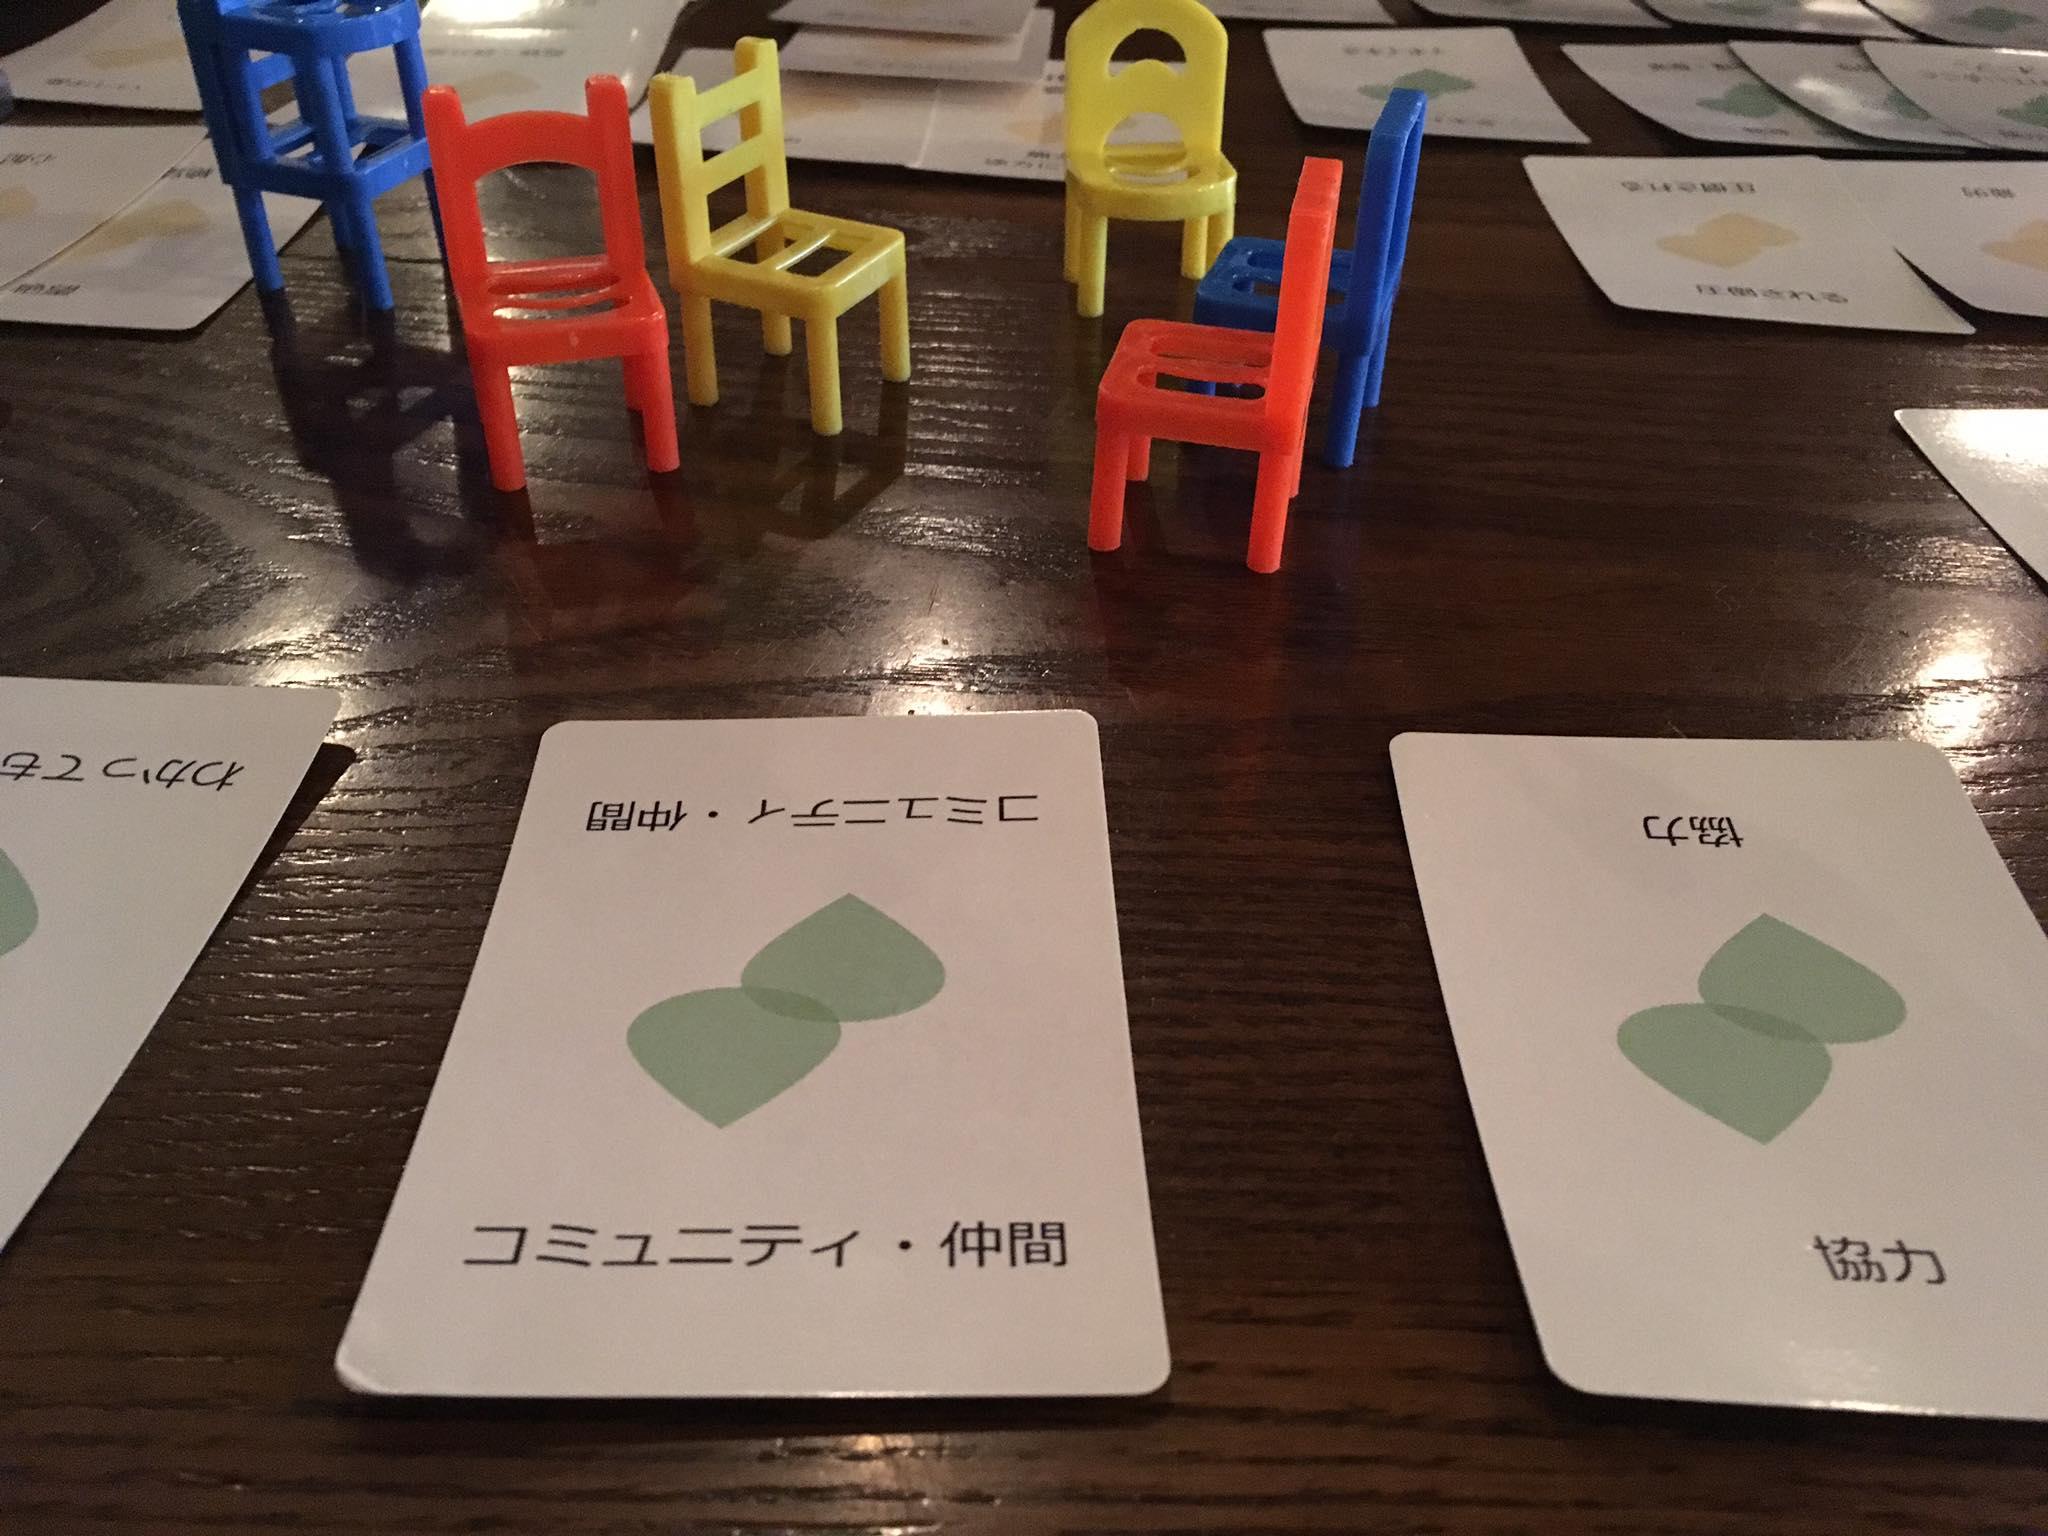 共感カード